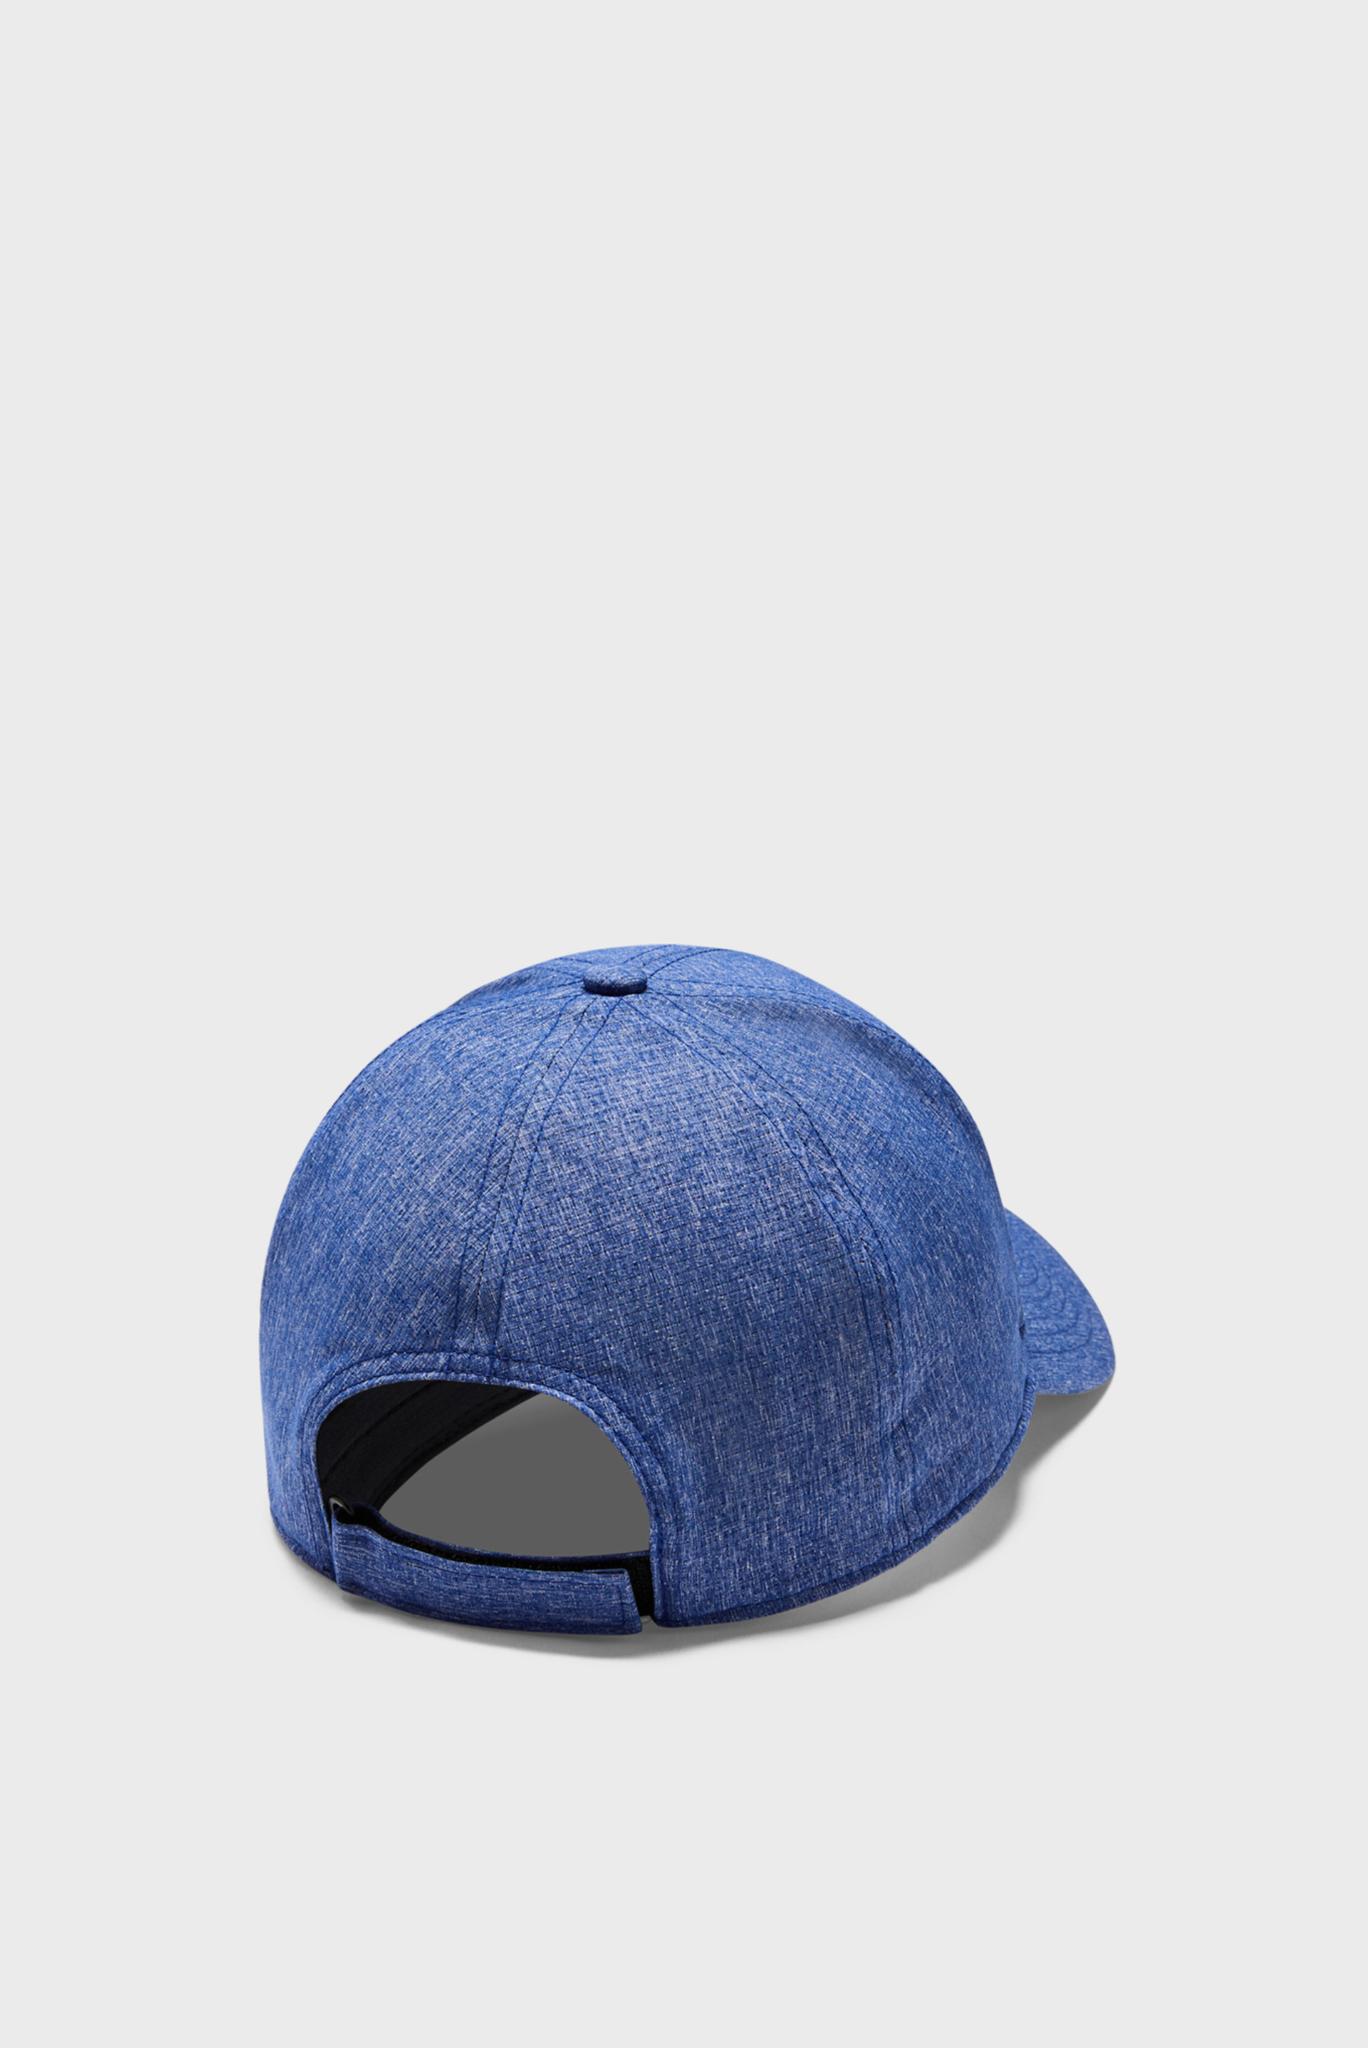 Мужская синяя кепка UA Adjustable Airvent Cool Cap-BLU Under Armour